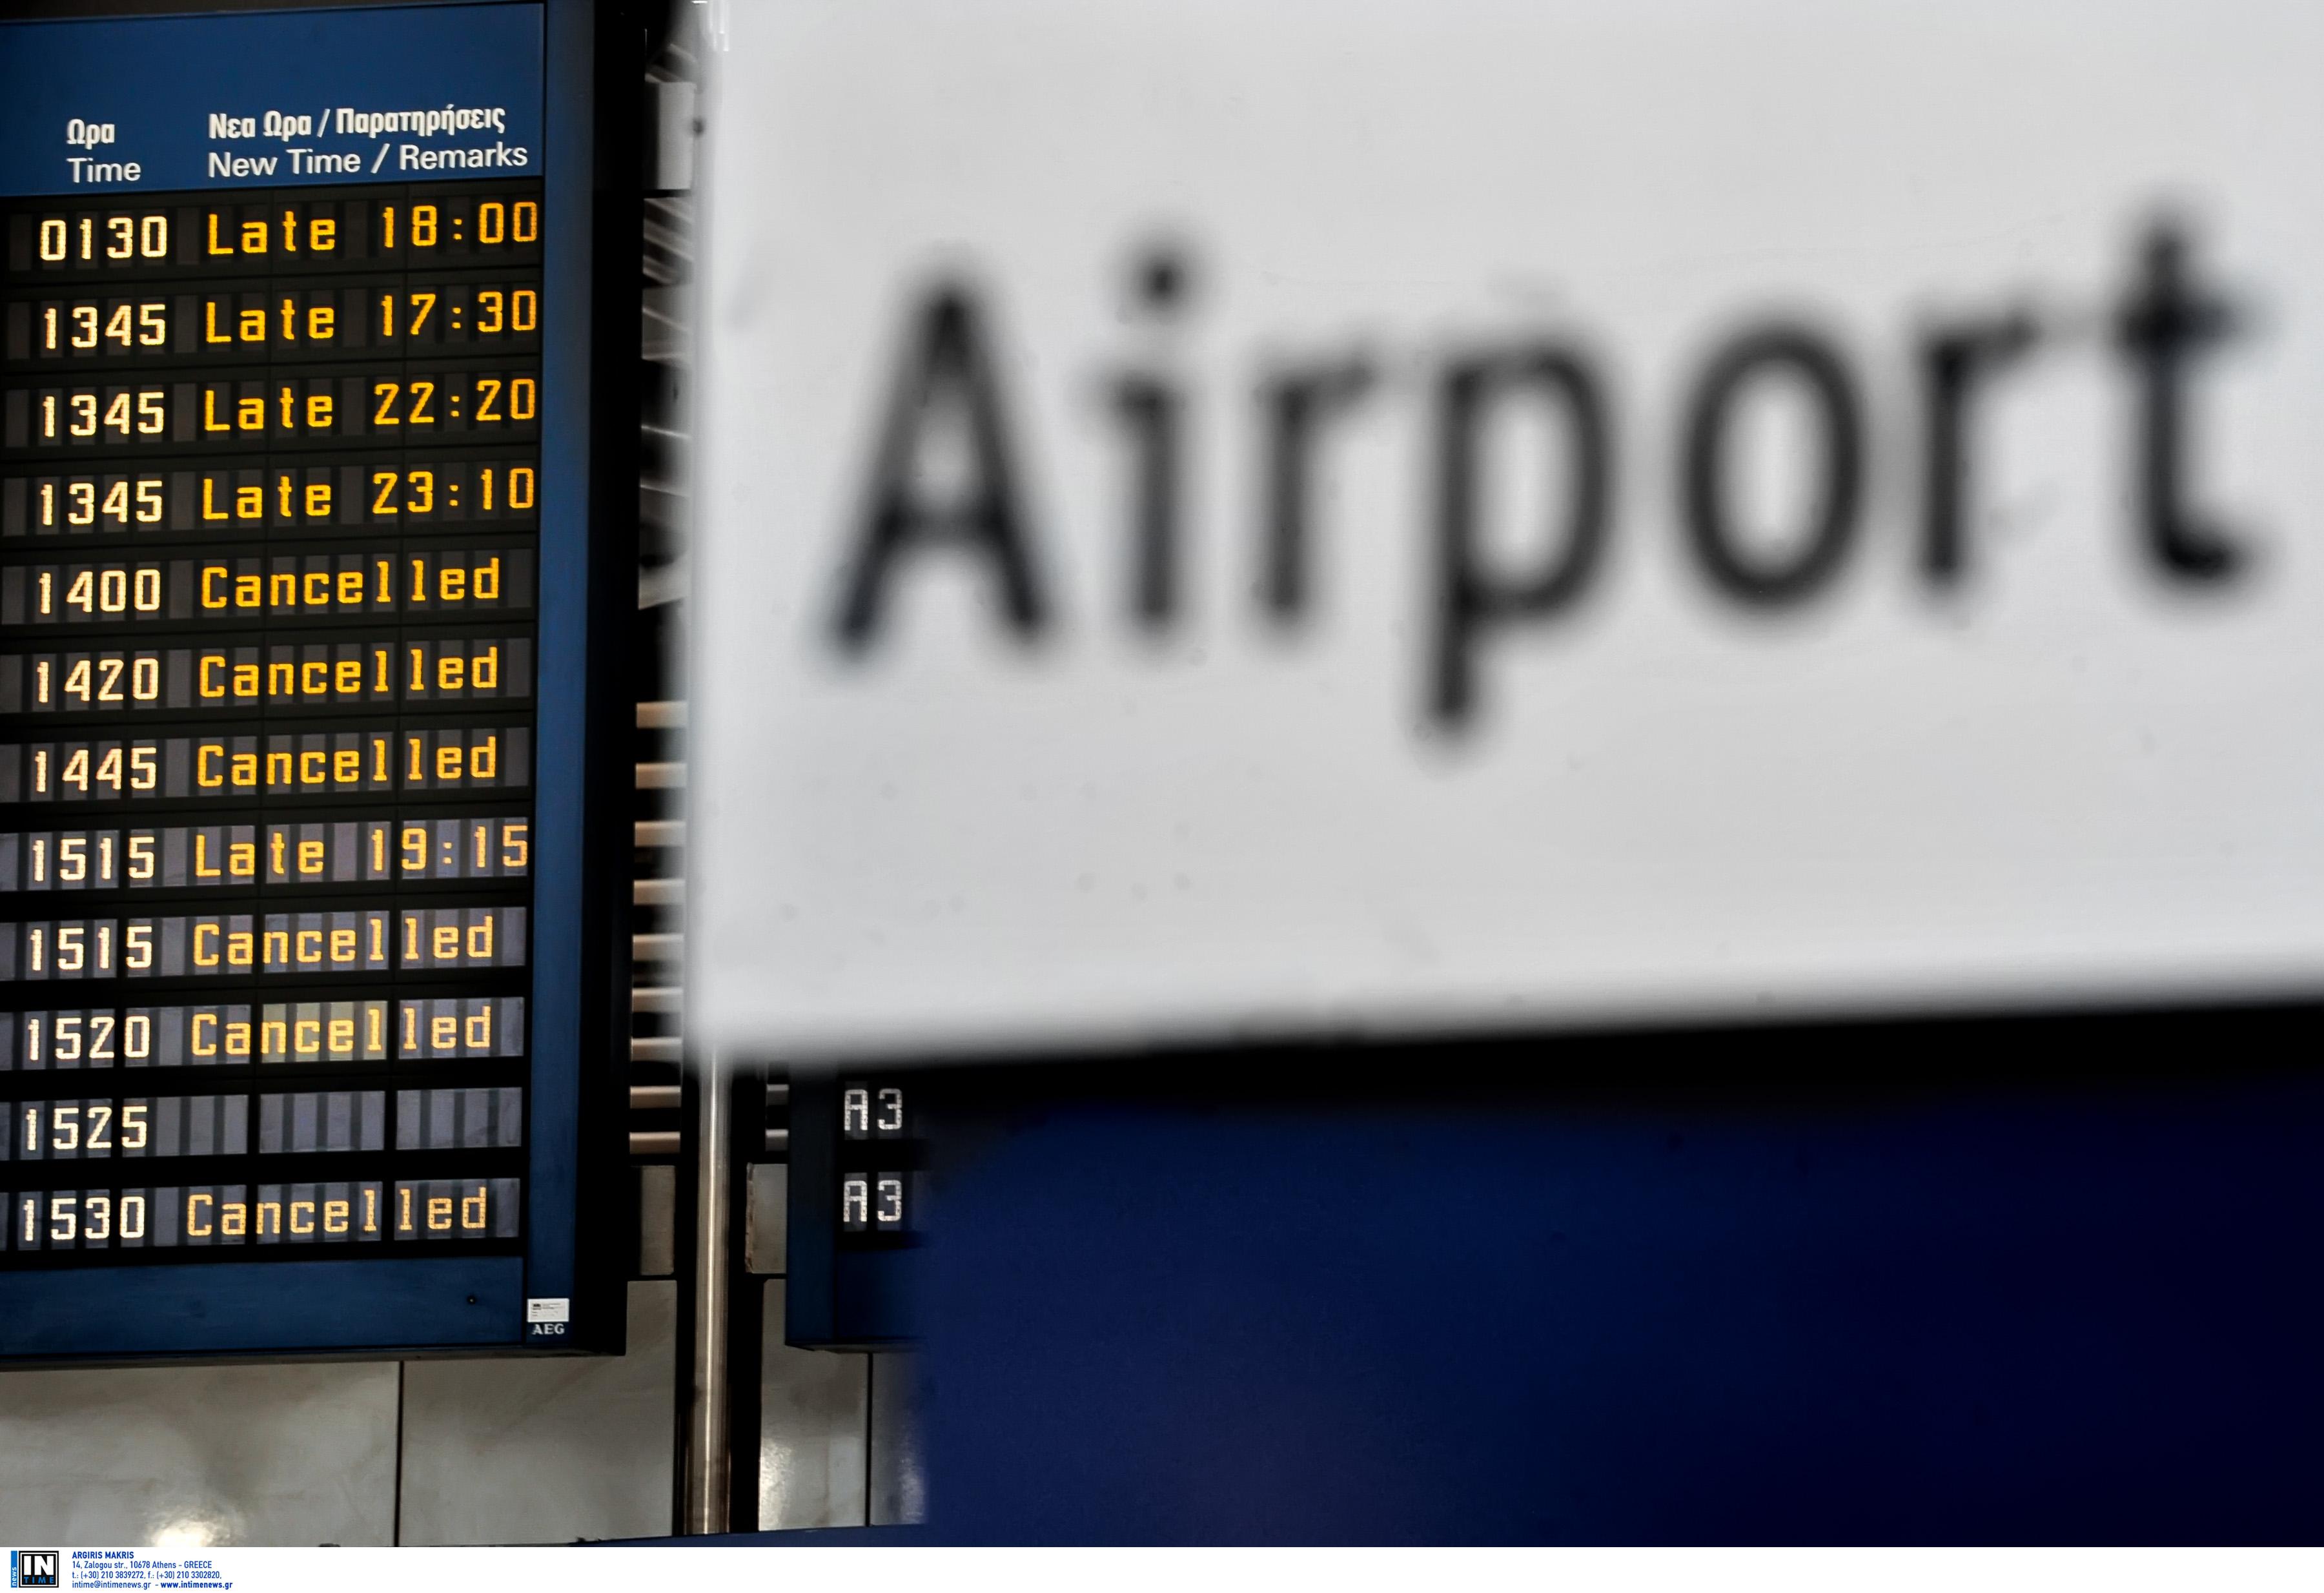 """Σοβαρή καταγγελία: Μαζί με τις πτήσεις από Κίνα σταμάτησαν και οι έλεγχοι στο """"Ελ. Βενιζέλος"""""""